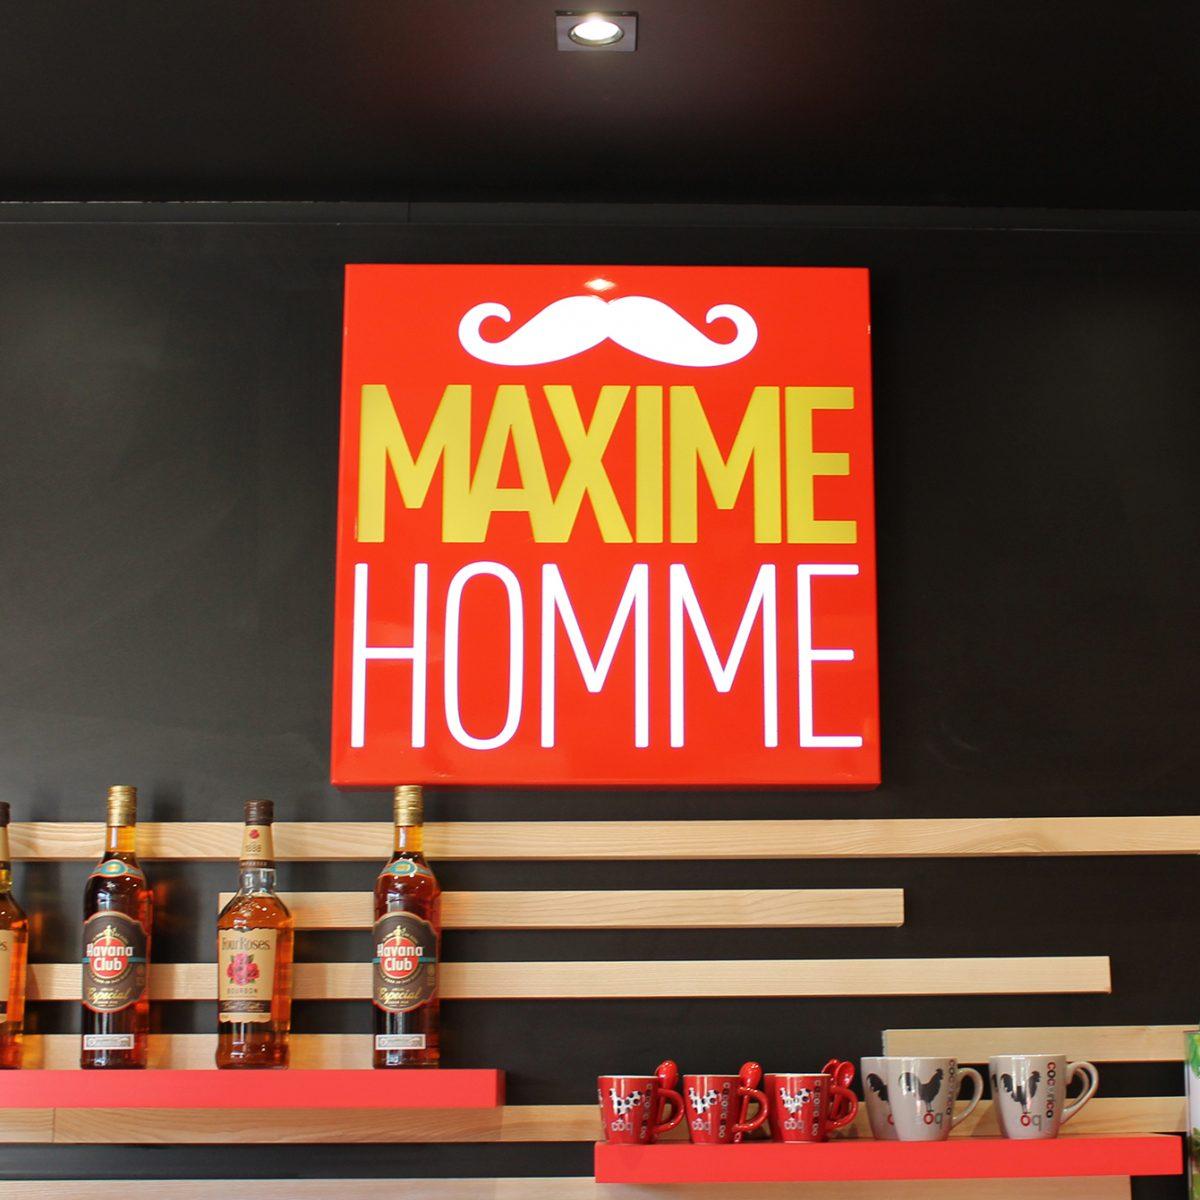 Maxime-homme-page-accueil-barbier-coiffeur-ambroise16